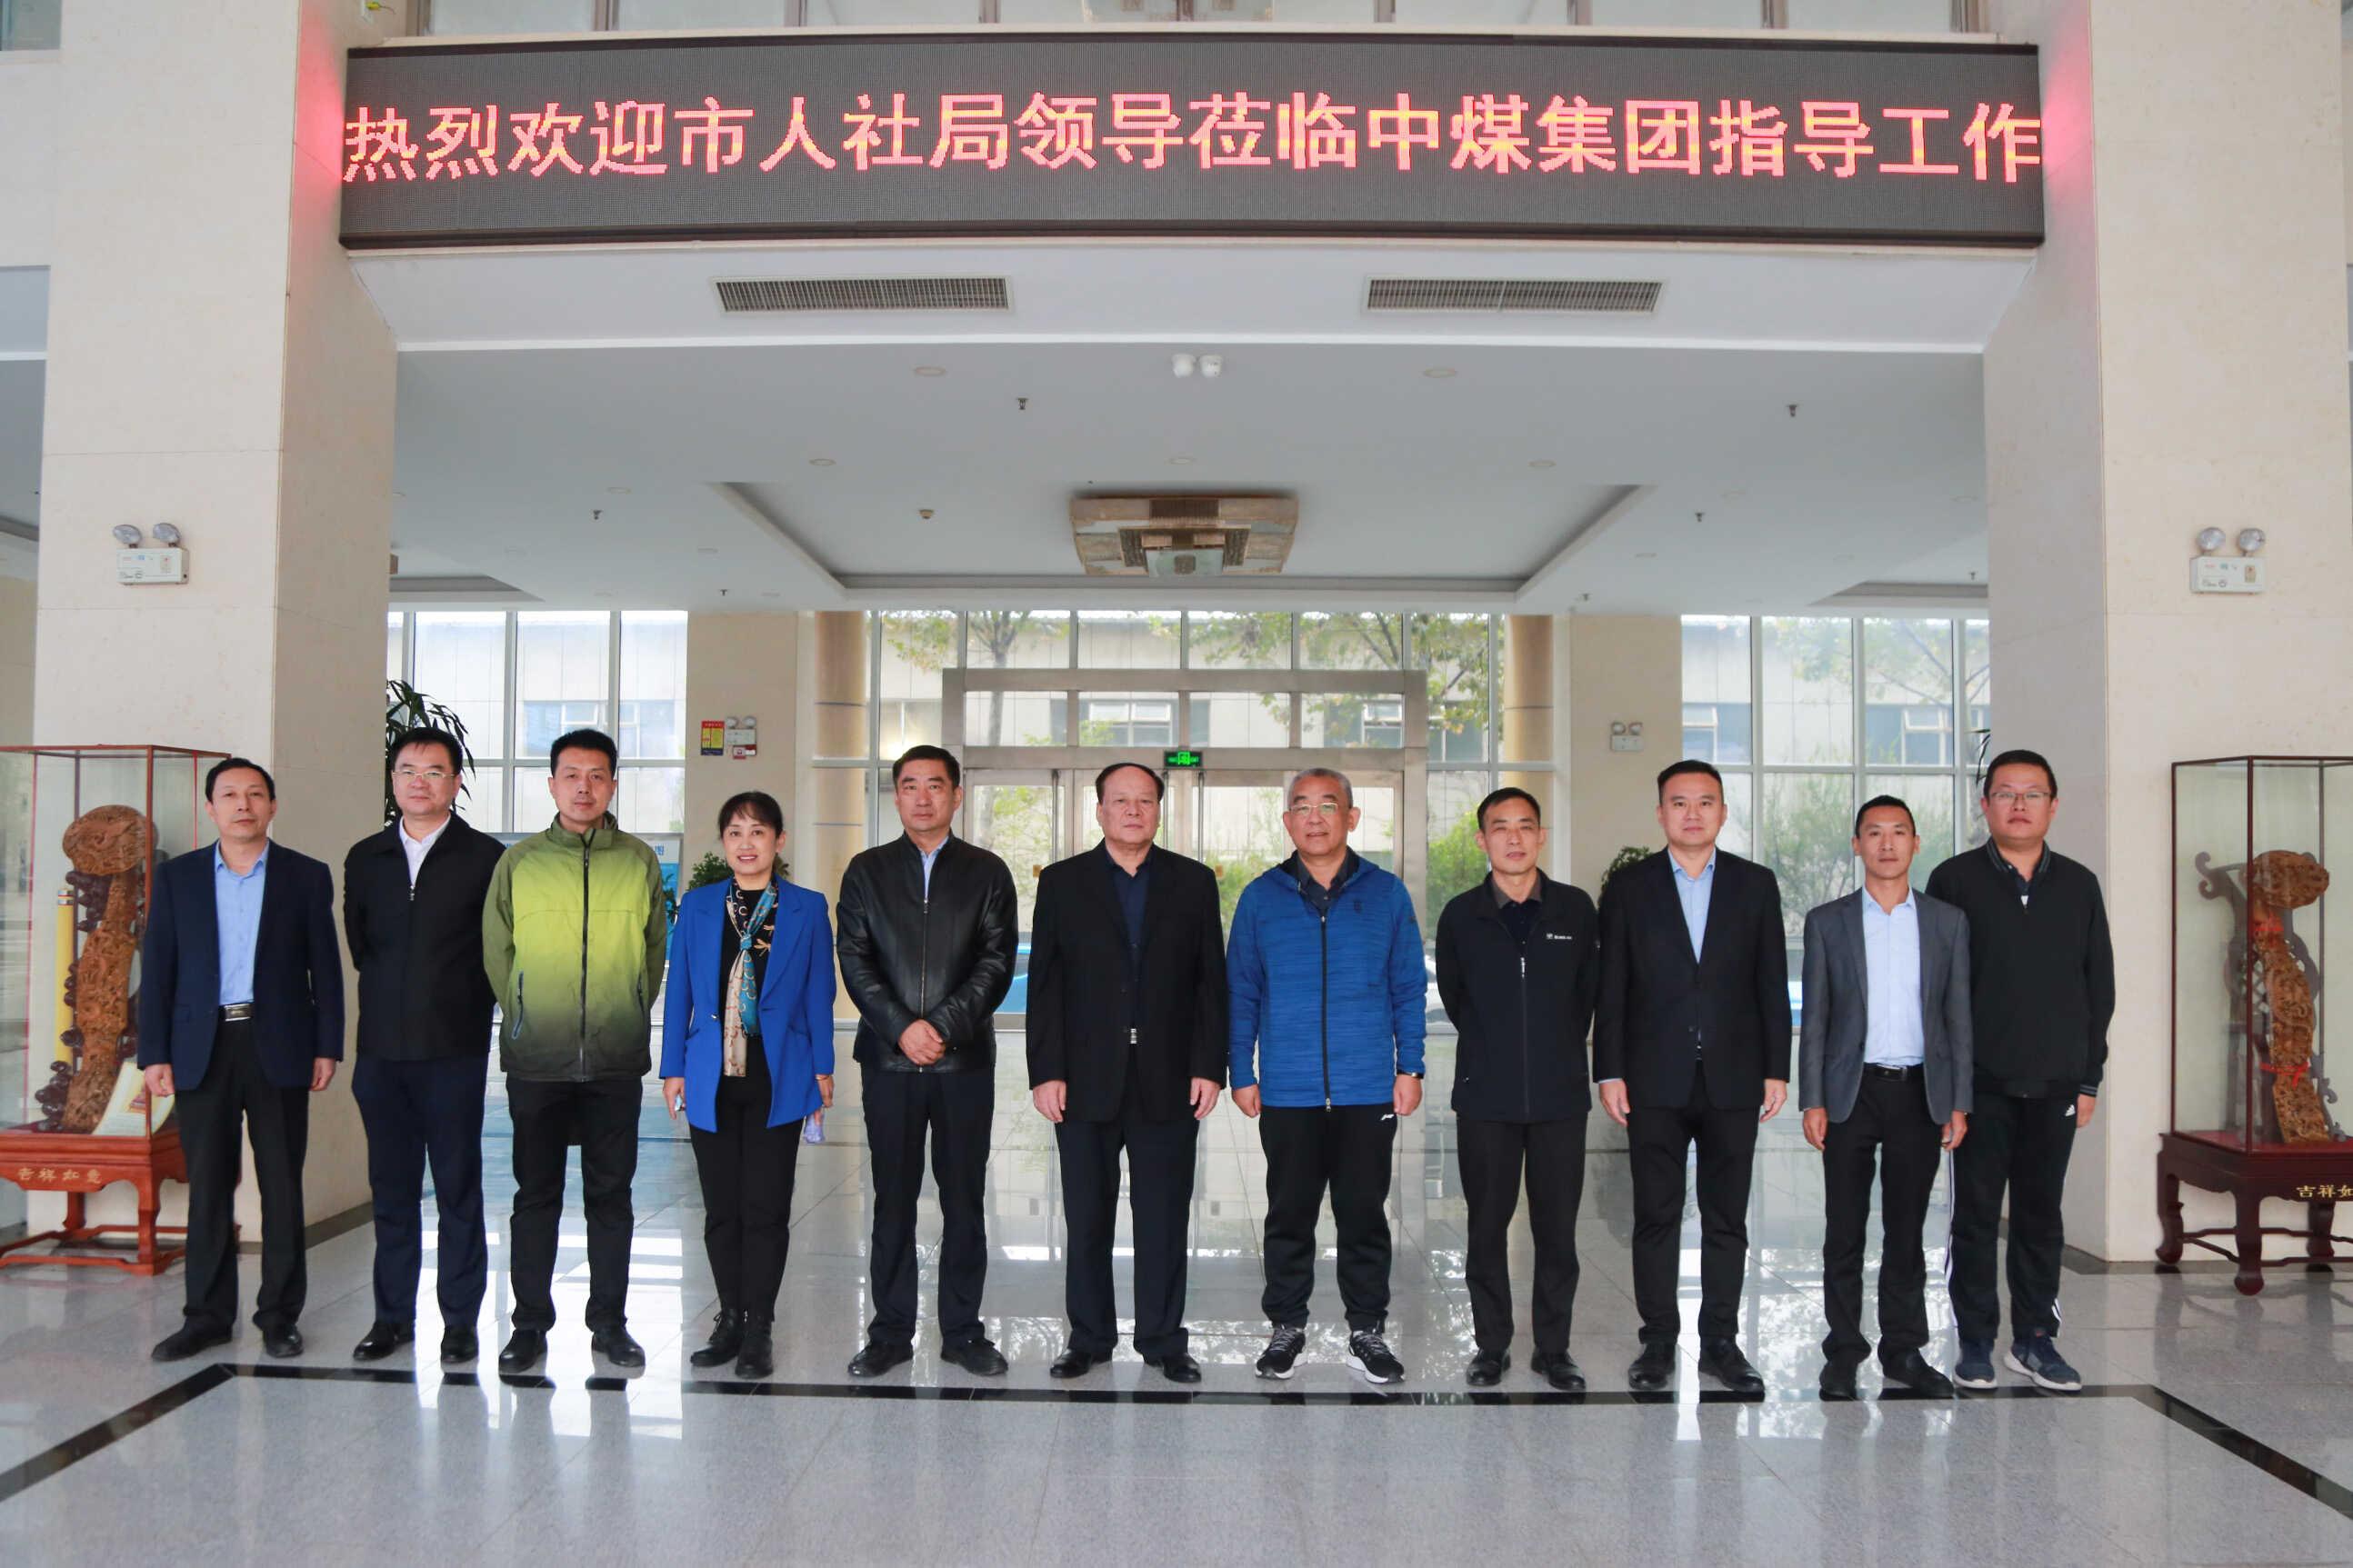 热烈欢迎济宁市人社局领导一行莅临中煤集团参观指导